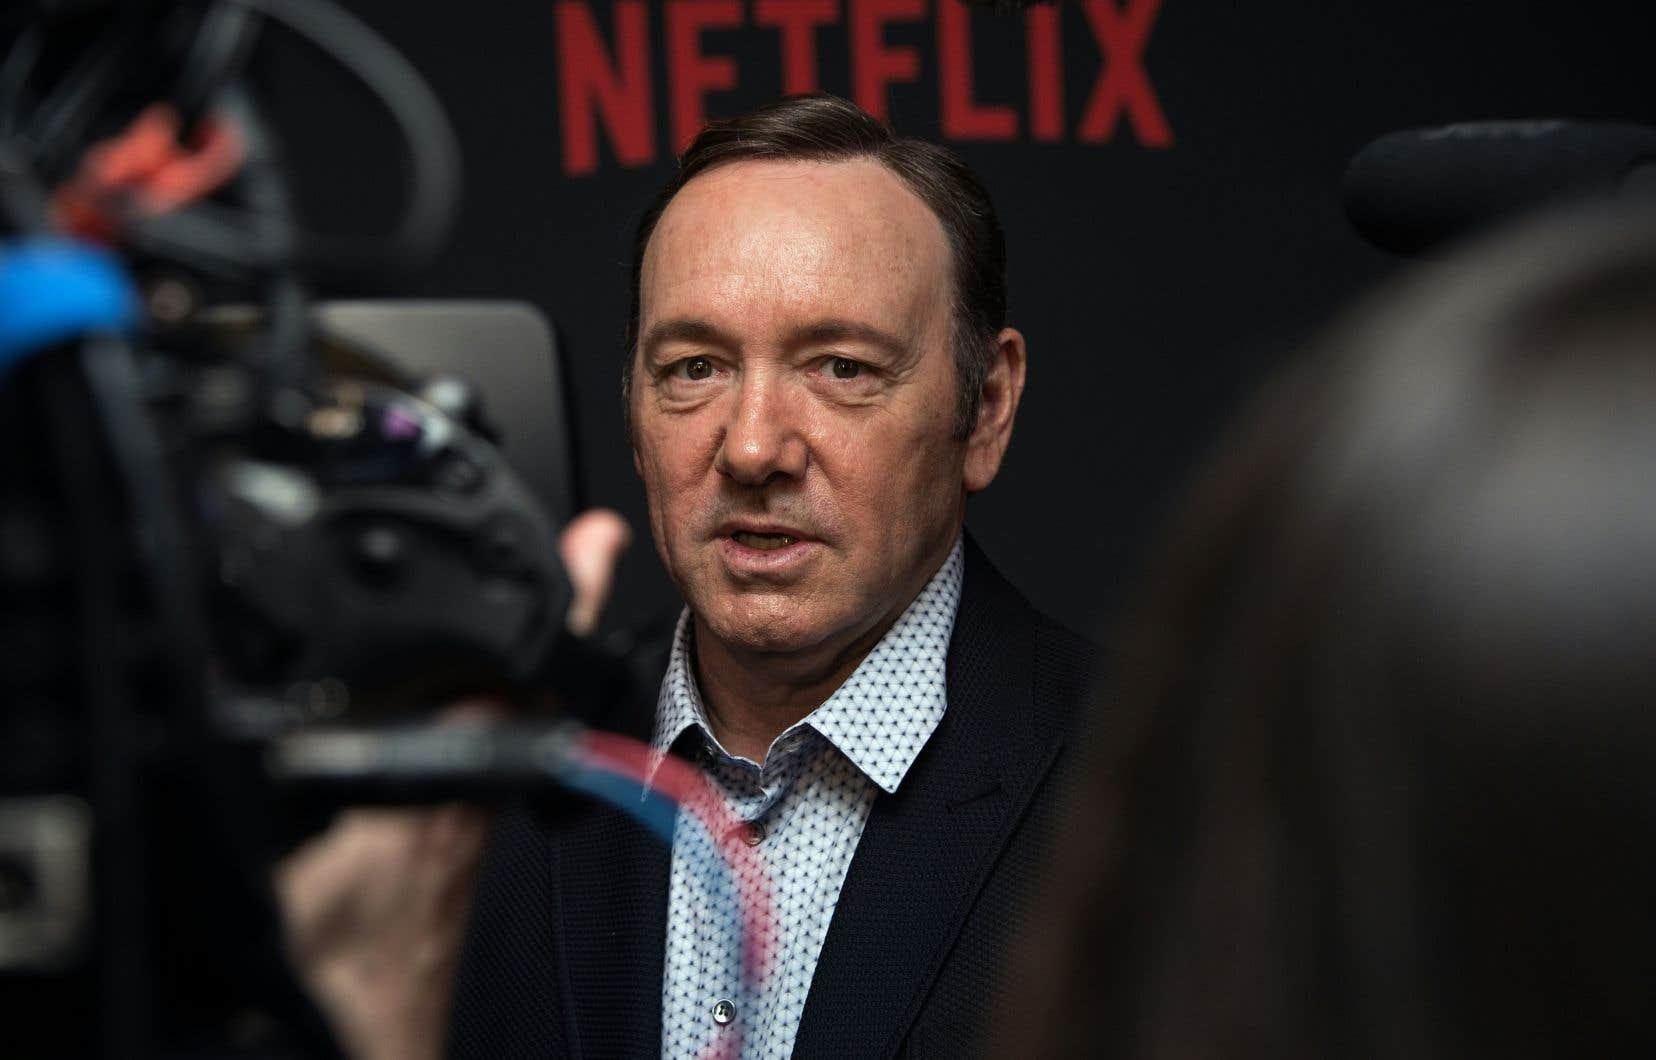 Selon CNN, huit employés actuels et passés de la série de Netflix «House of Cards» ont qualifié de «toxique» l'ambiance de travail.